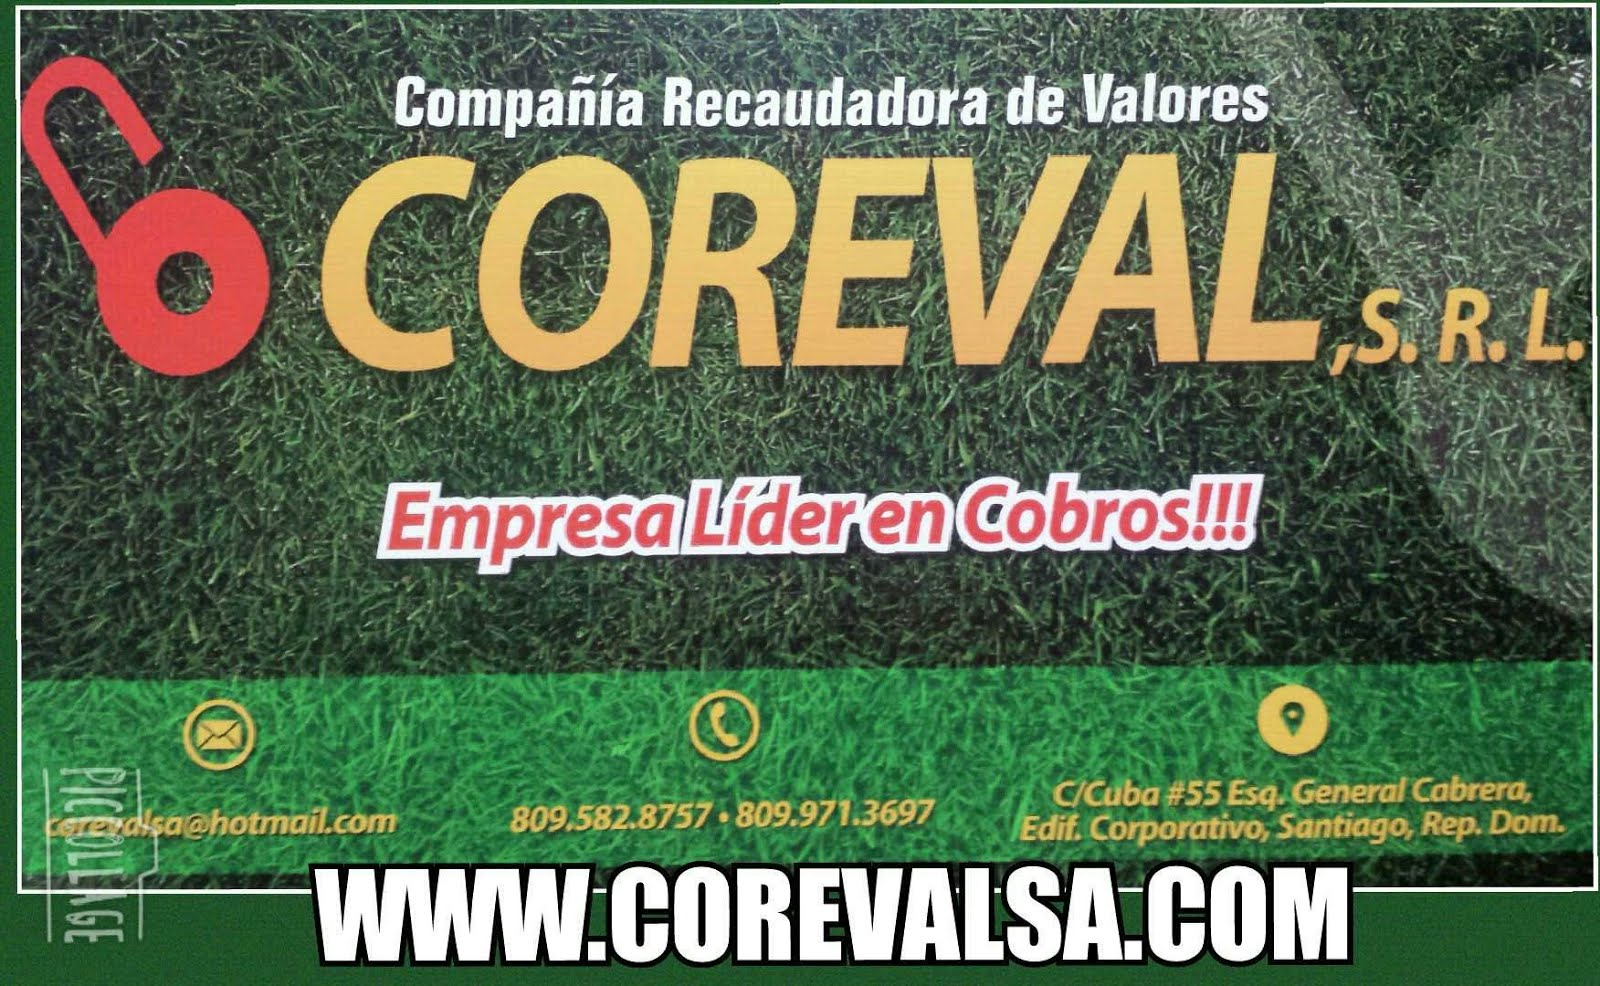 COREVAL, S.R.L